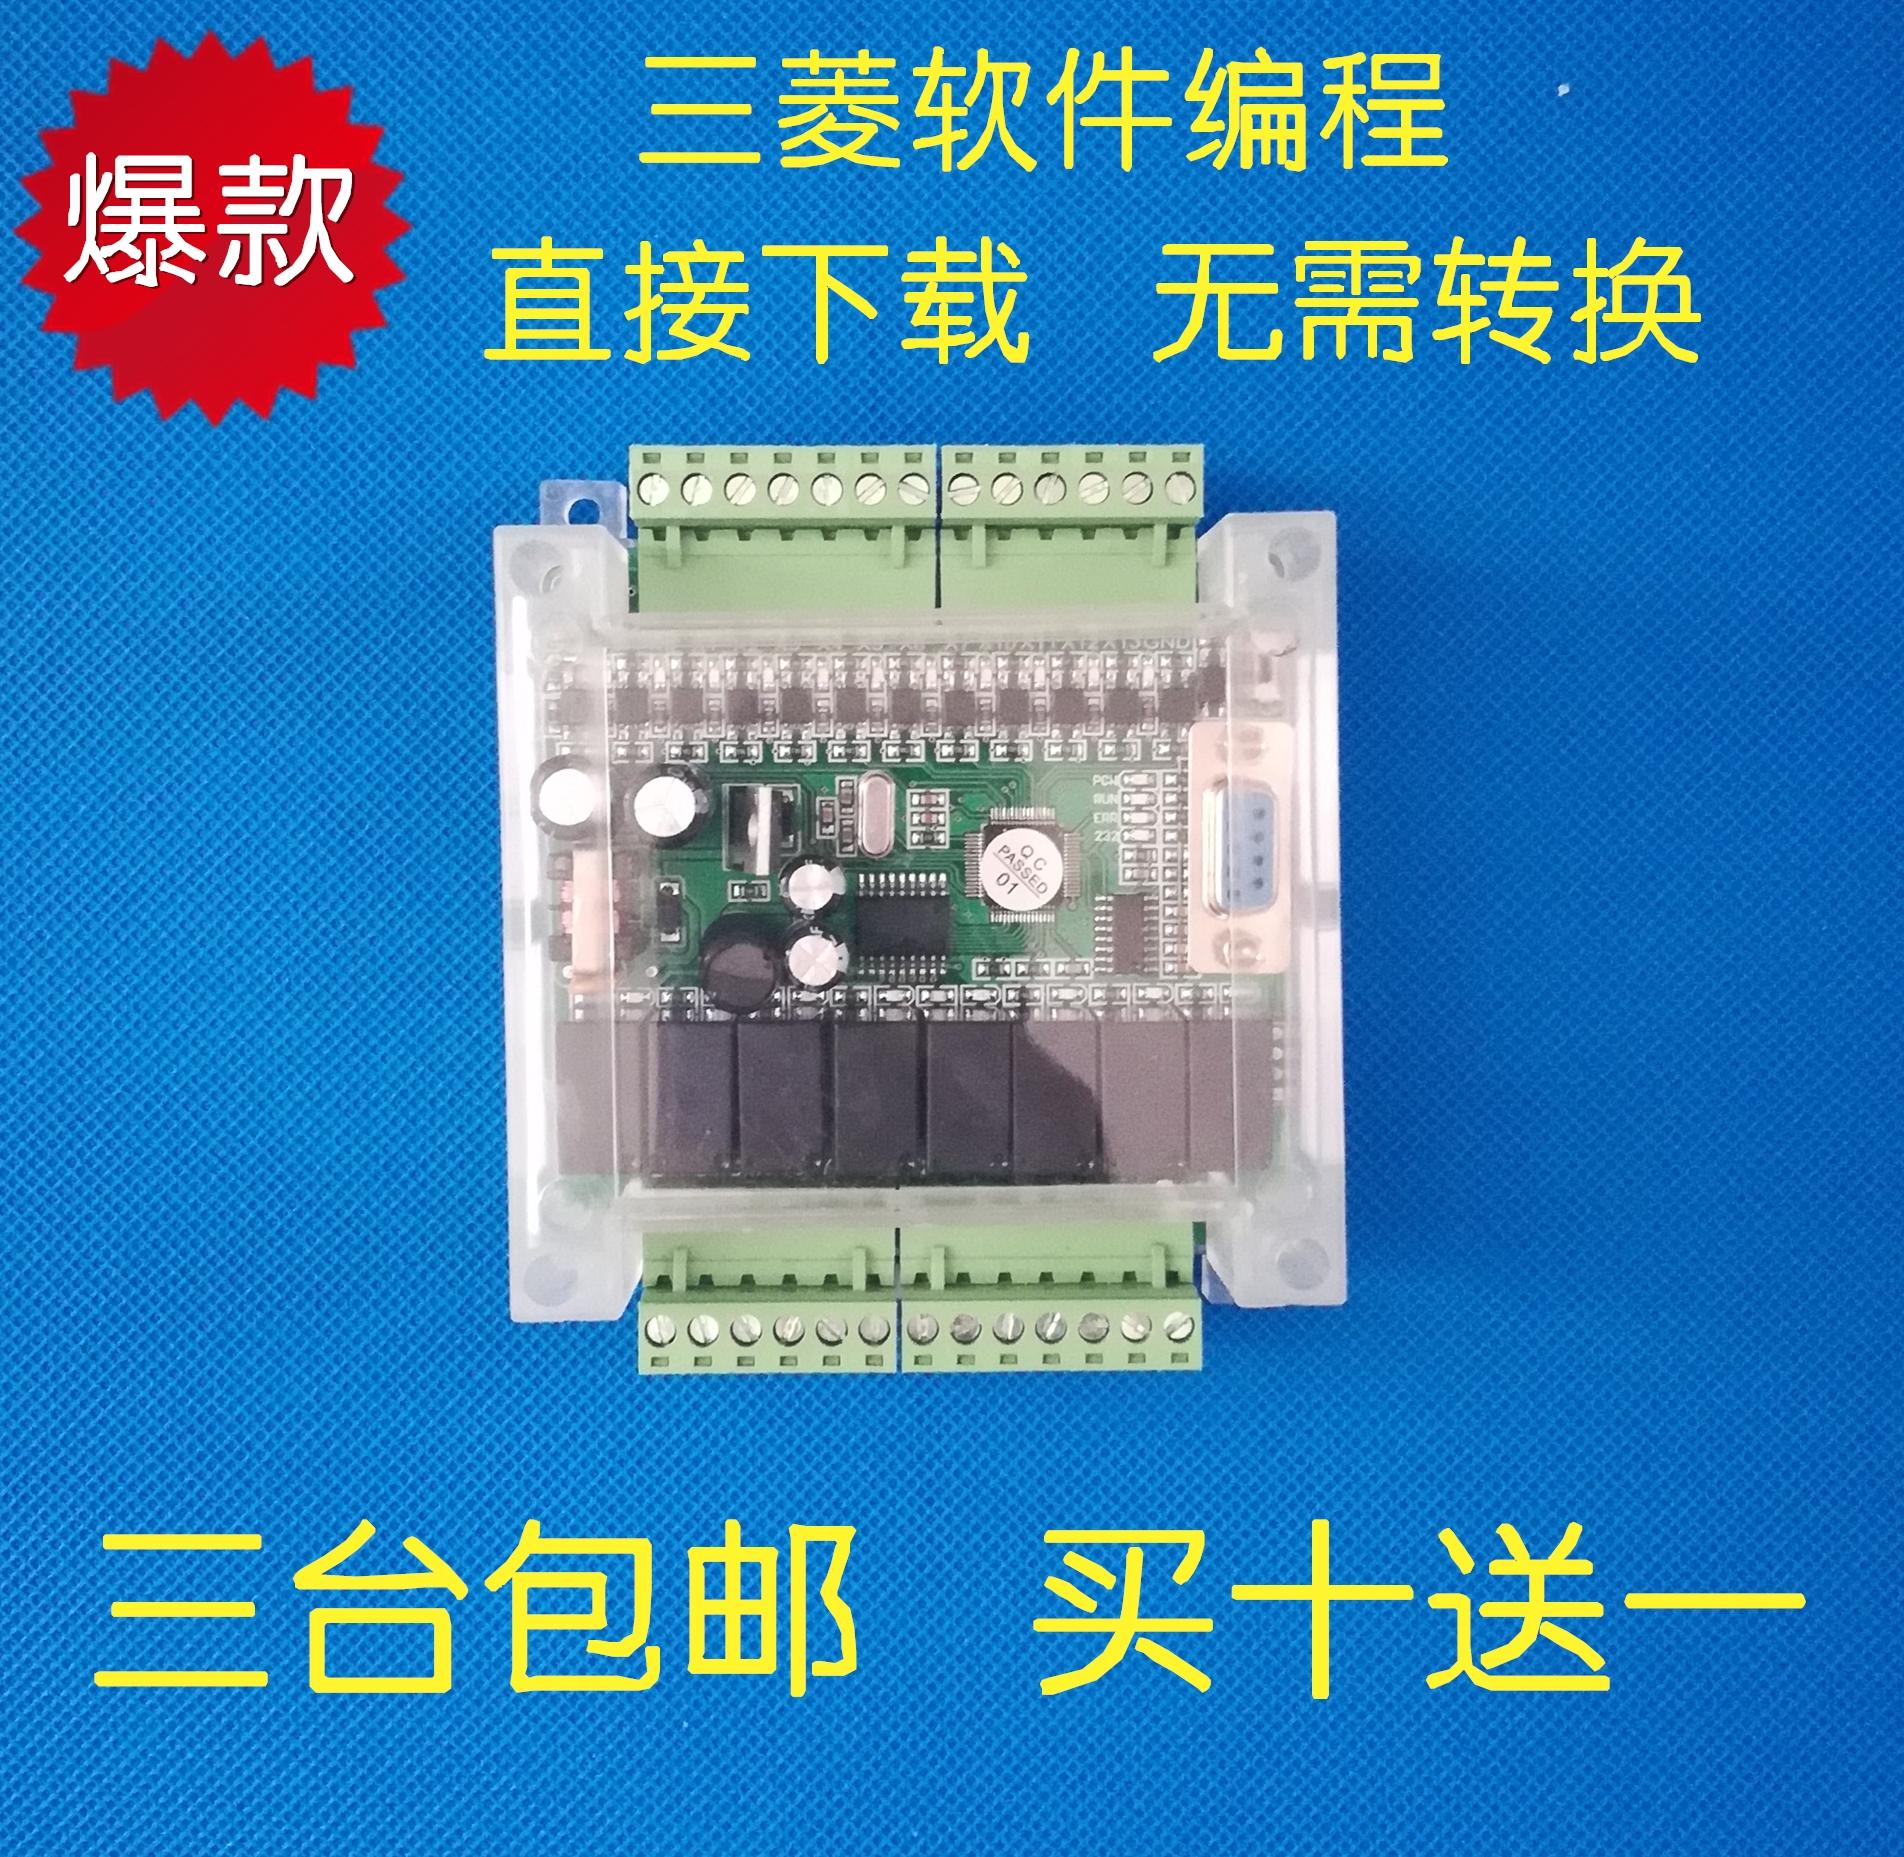 三菱PLC国产工控板FX1N20MRMT板式可编程控制器在线下载断电保持